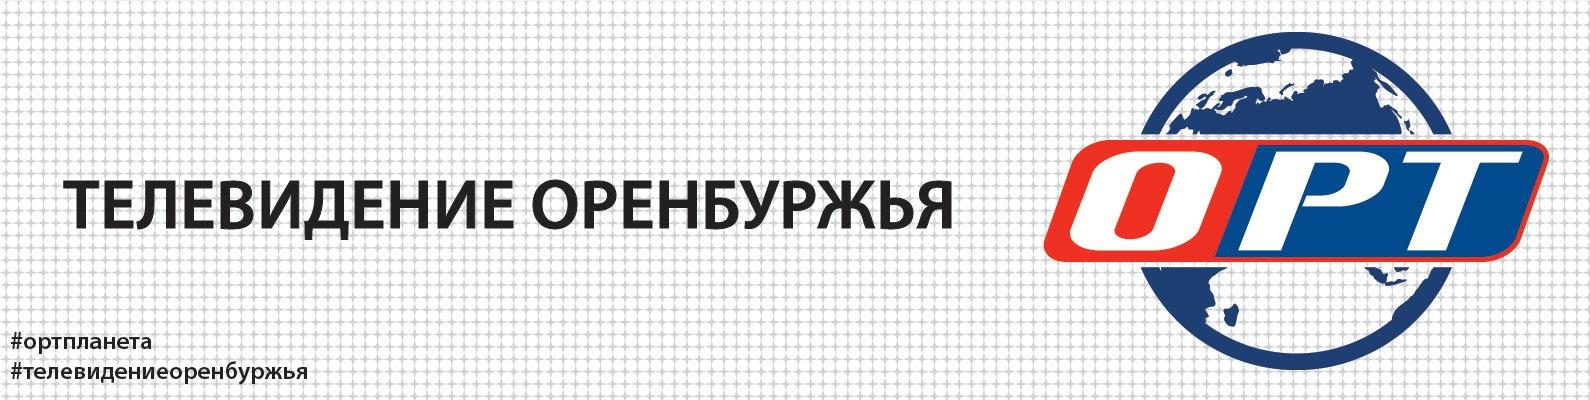 Видео блокнот орт планета работа оренбург